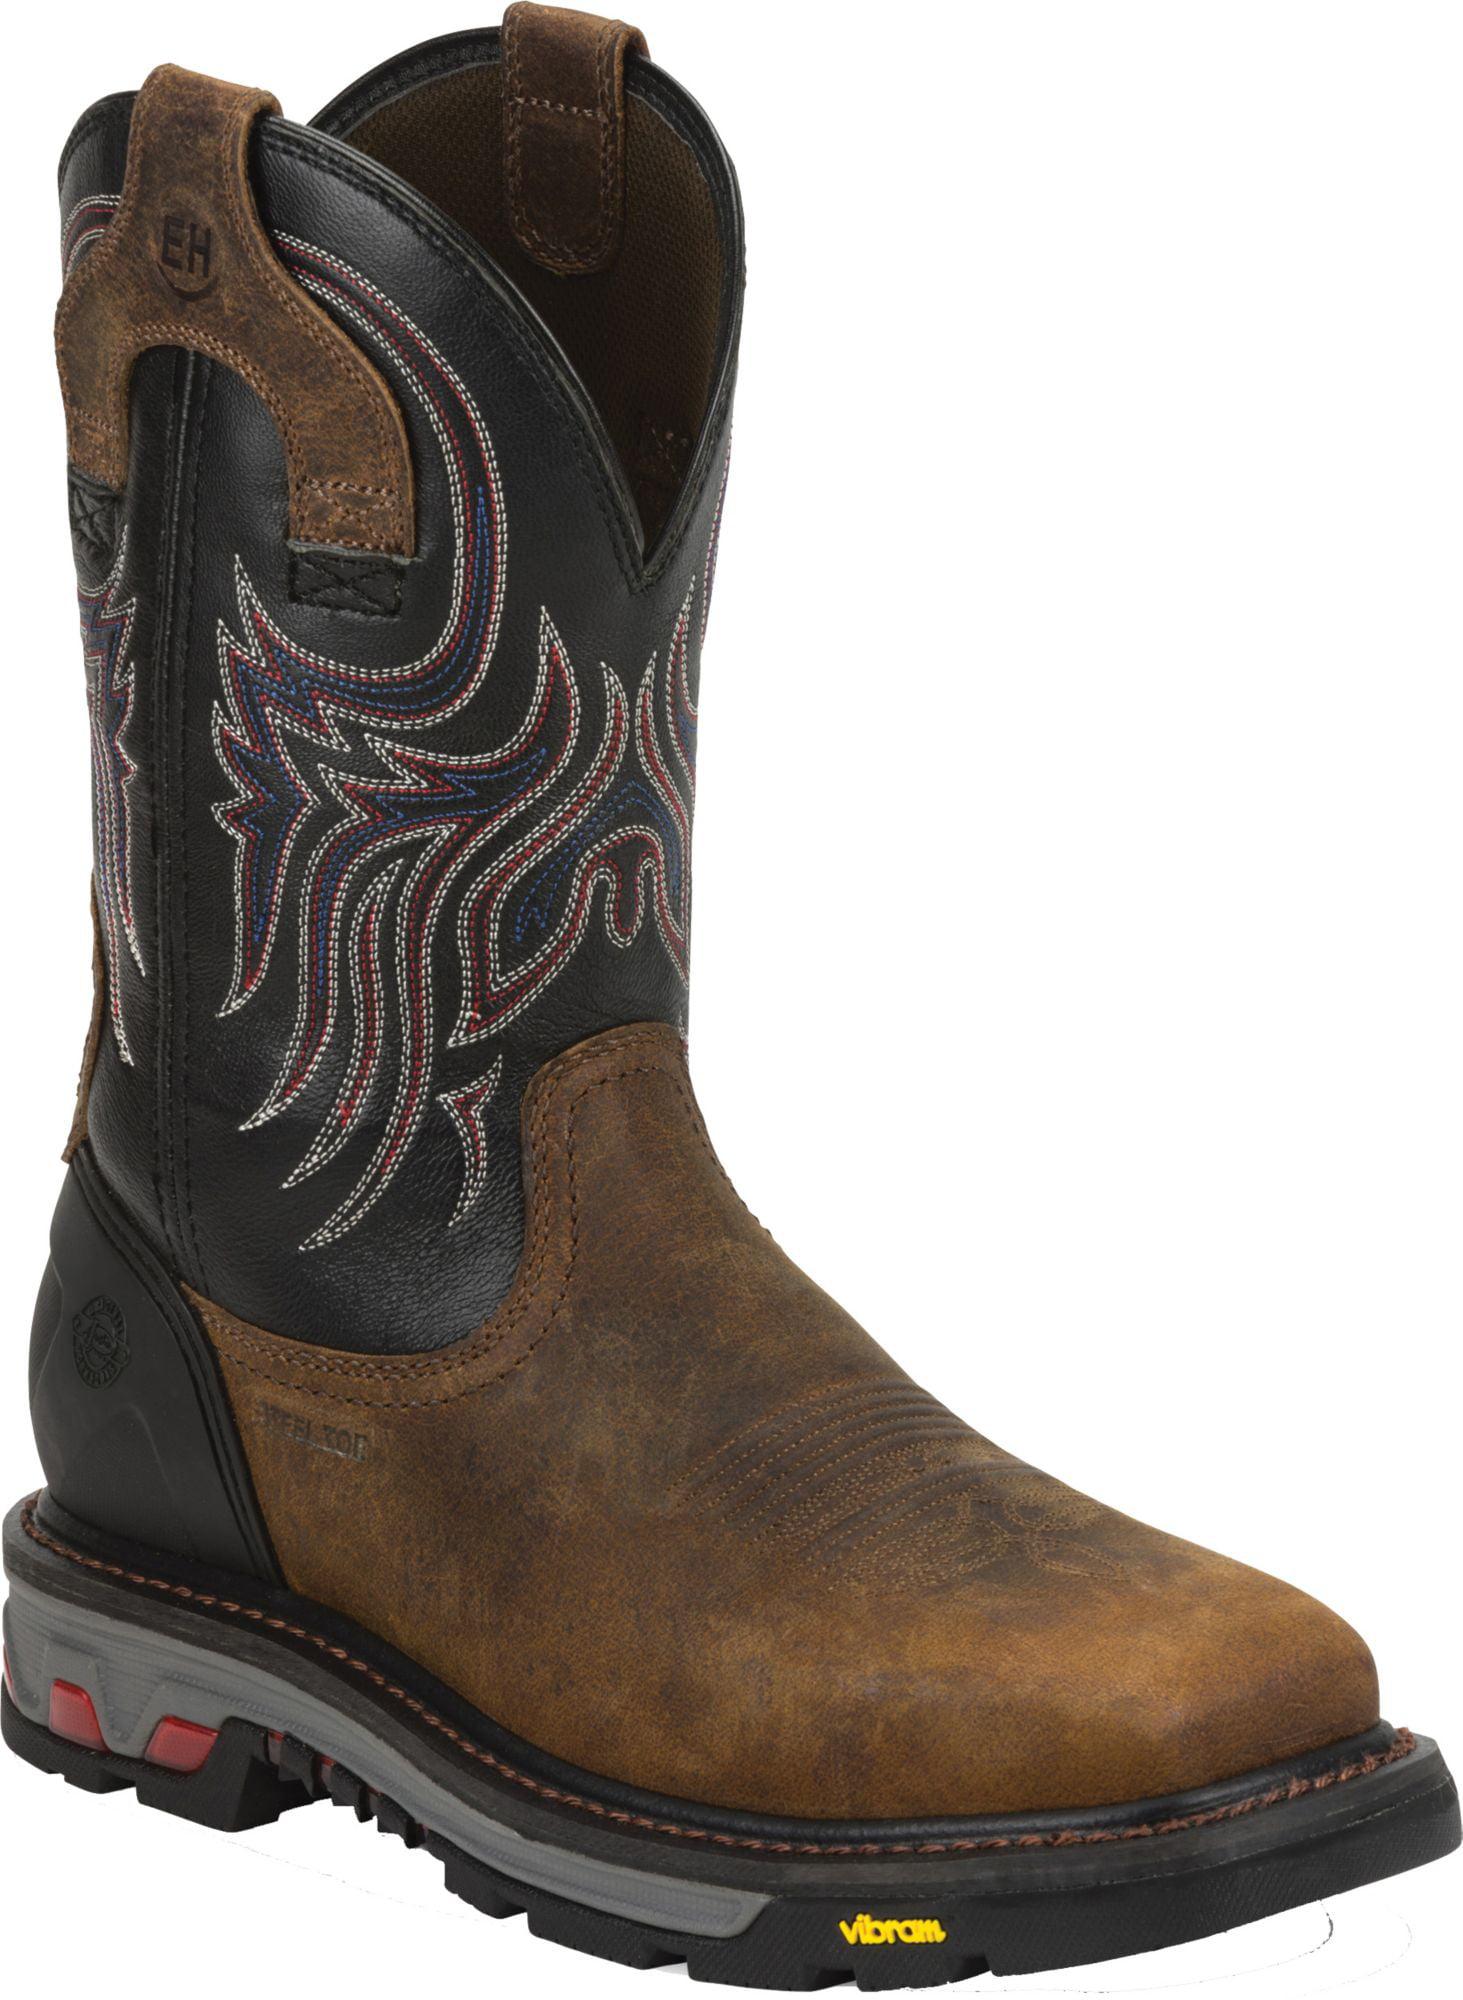 Steel Toe Western Work Boots - Walmart